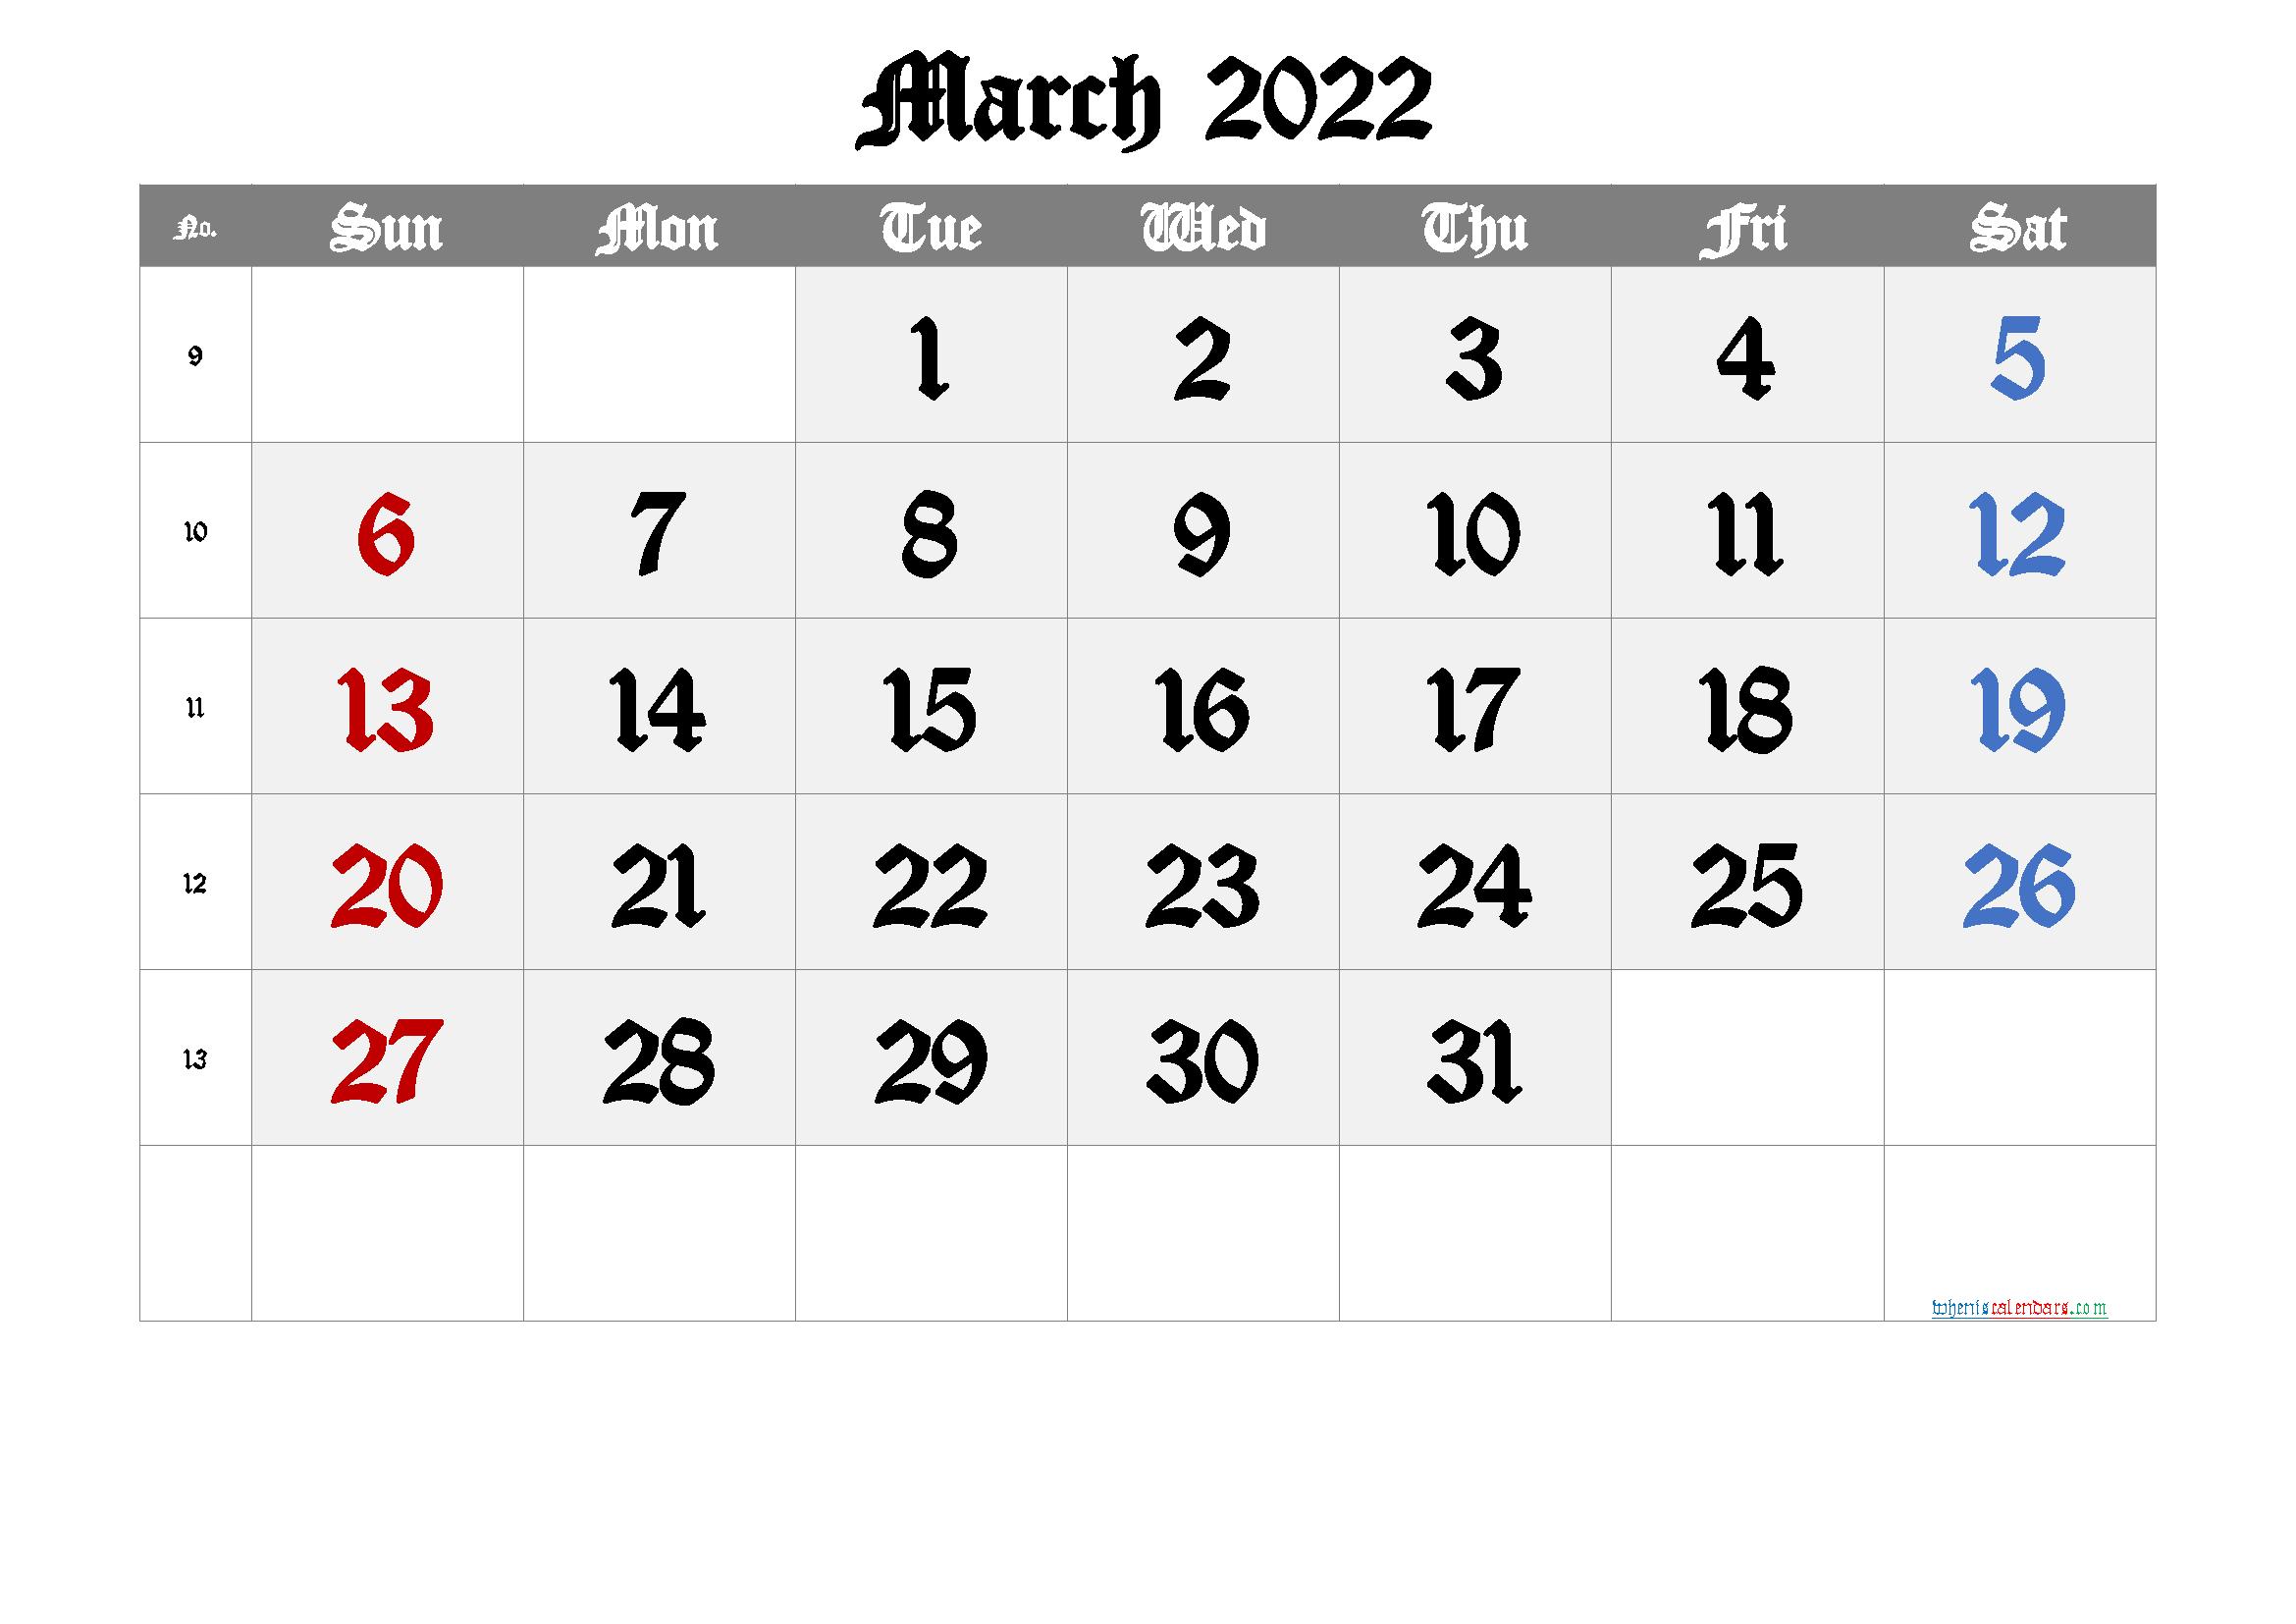 Free March 2022 Calendar